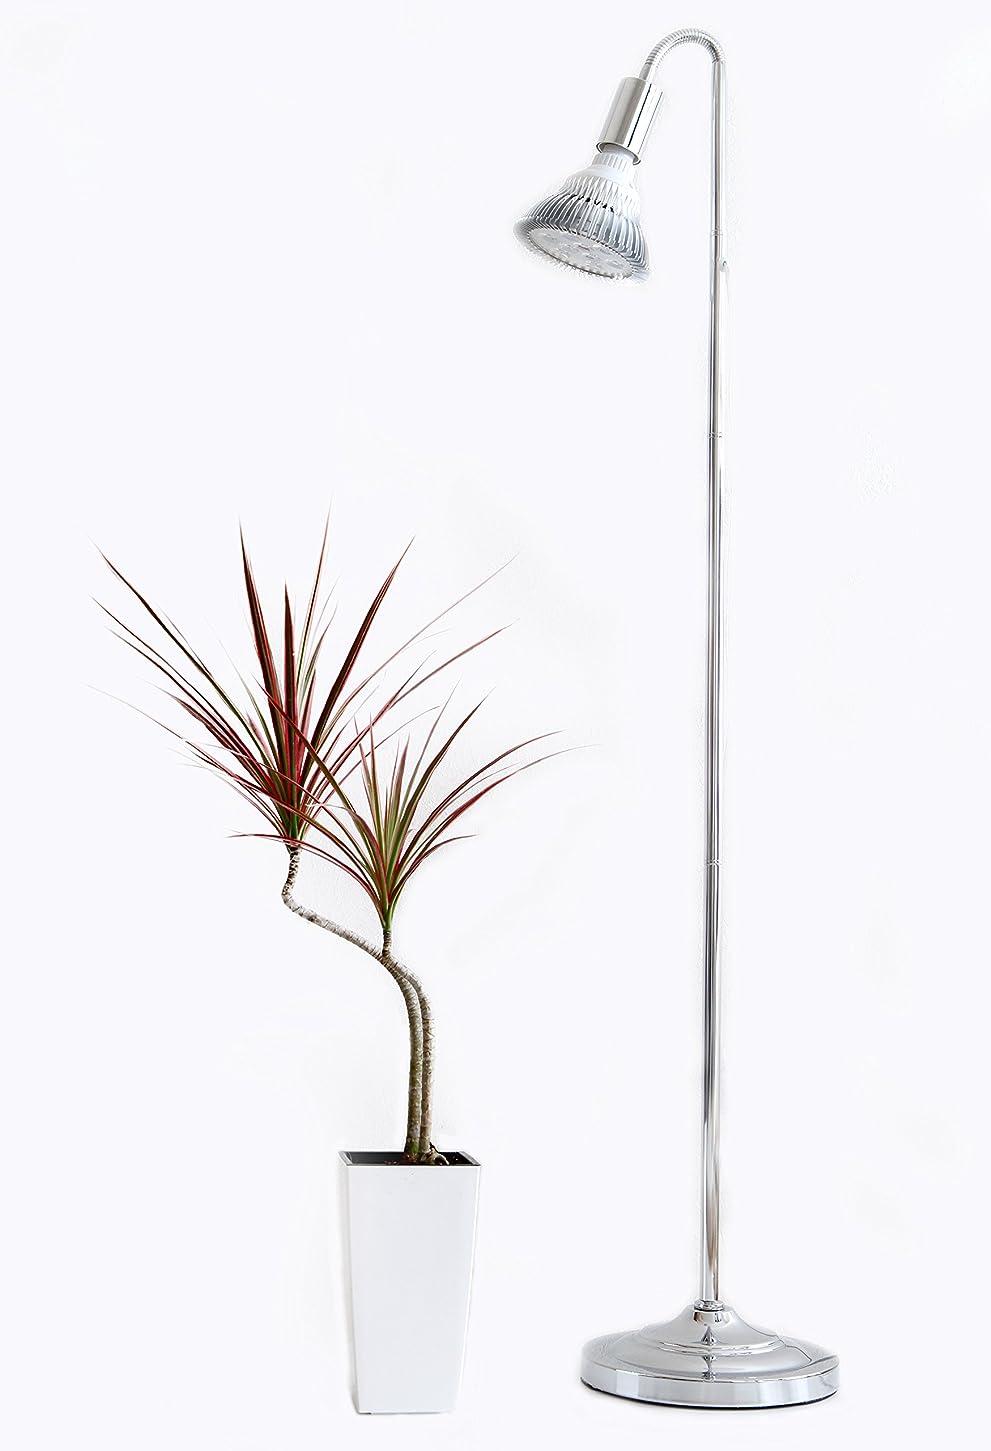 可能性傾向うまくいけばLED Plant Light 9W 植物育成使用 110cmスタンドタイプ E26 観葉植物 胡蝶蘭 水耕栽培 家庭菜園 水草栽培